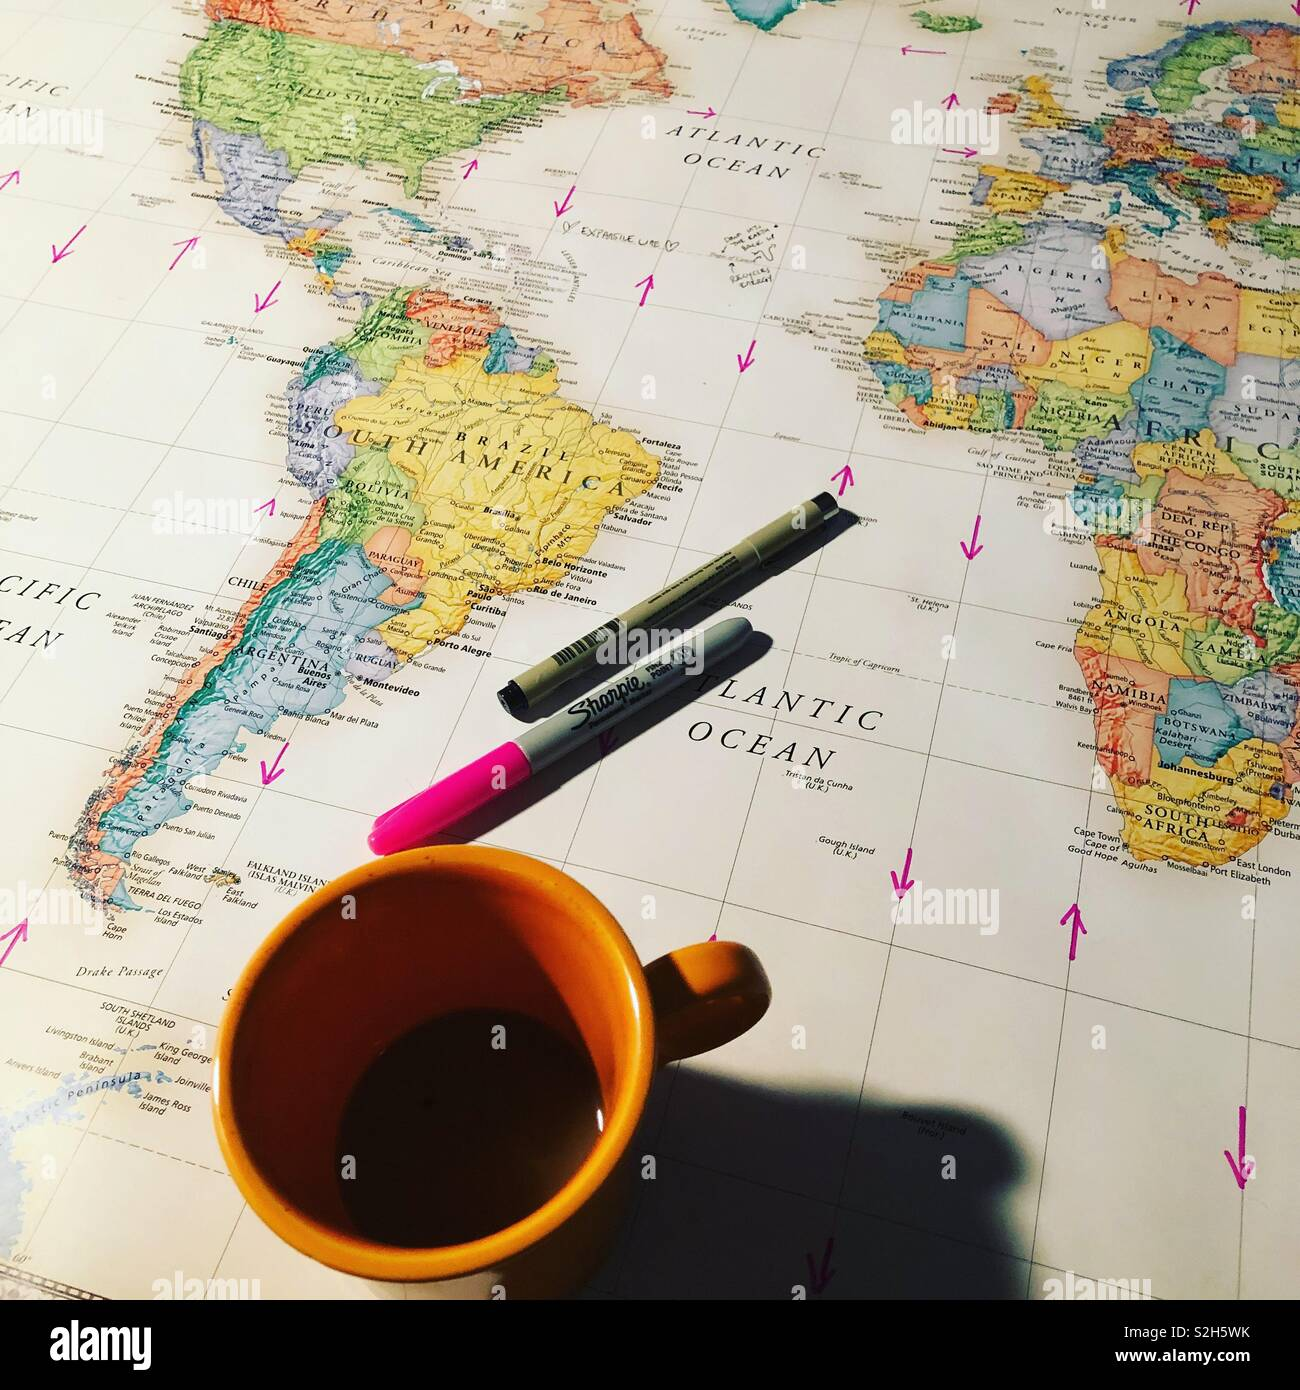 Planificación de viajes Imagen De Stock